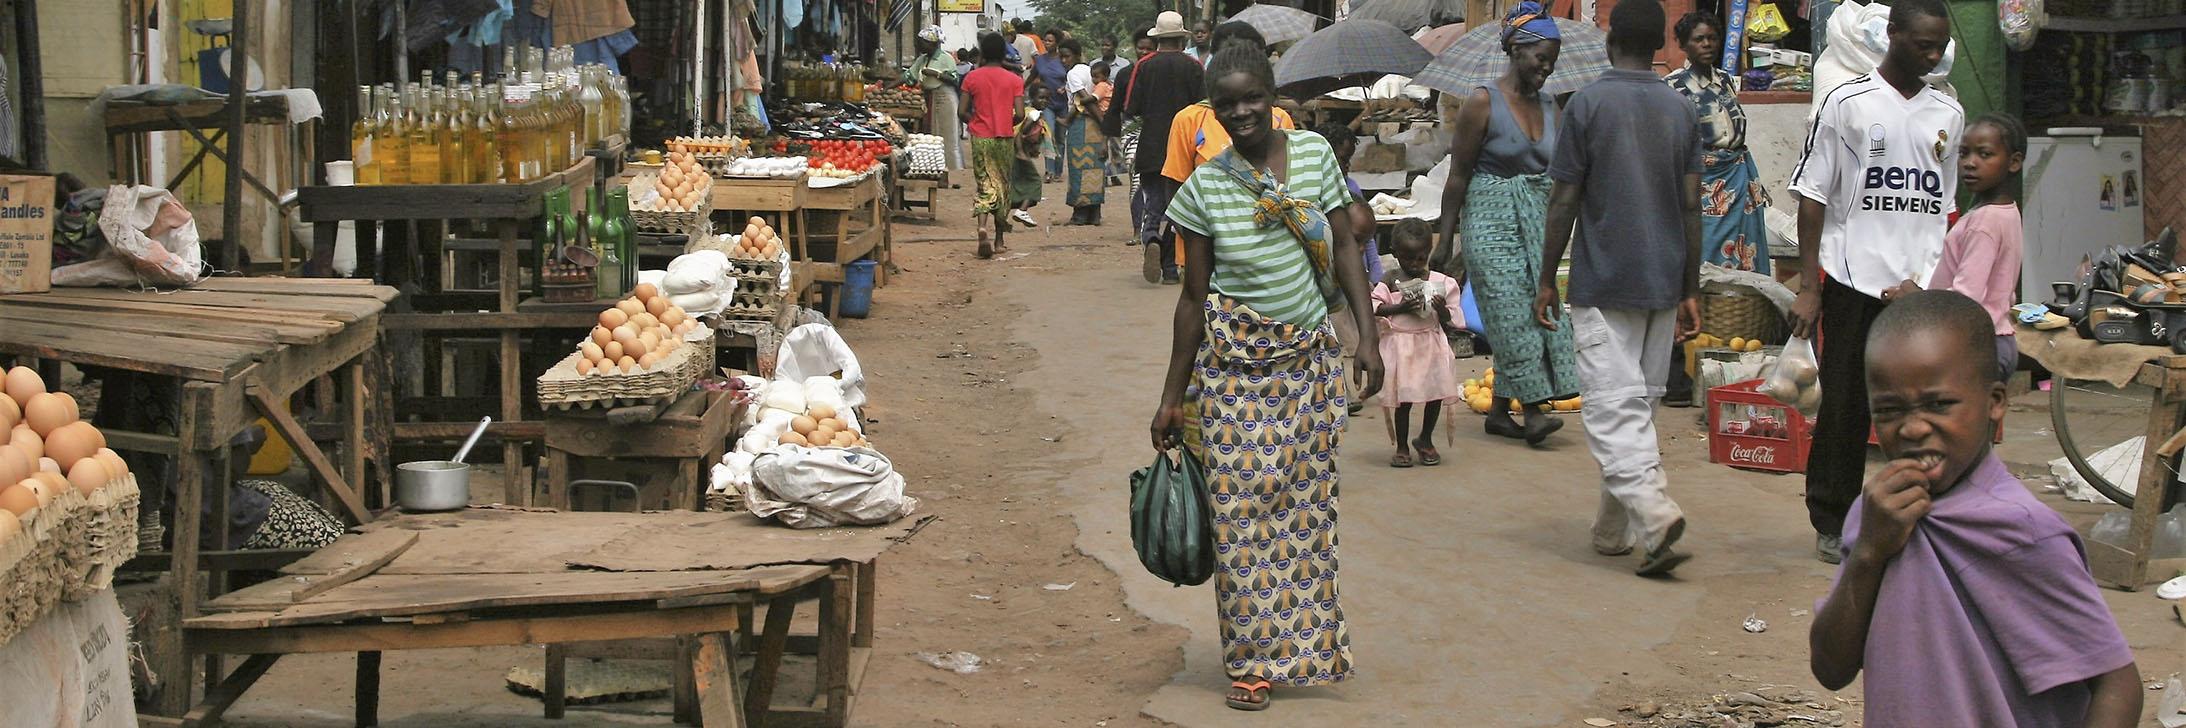 Dame går gjennom et marked. Foto.